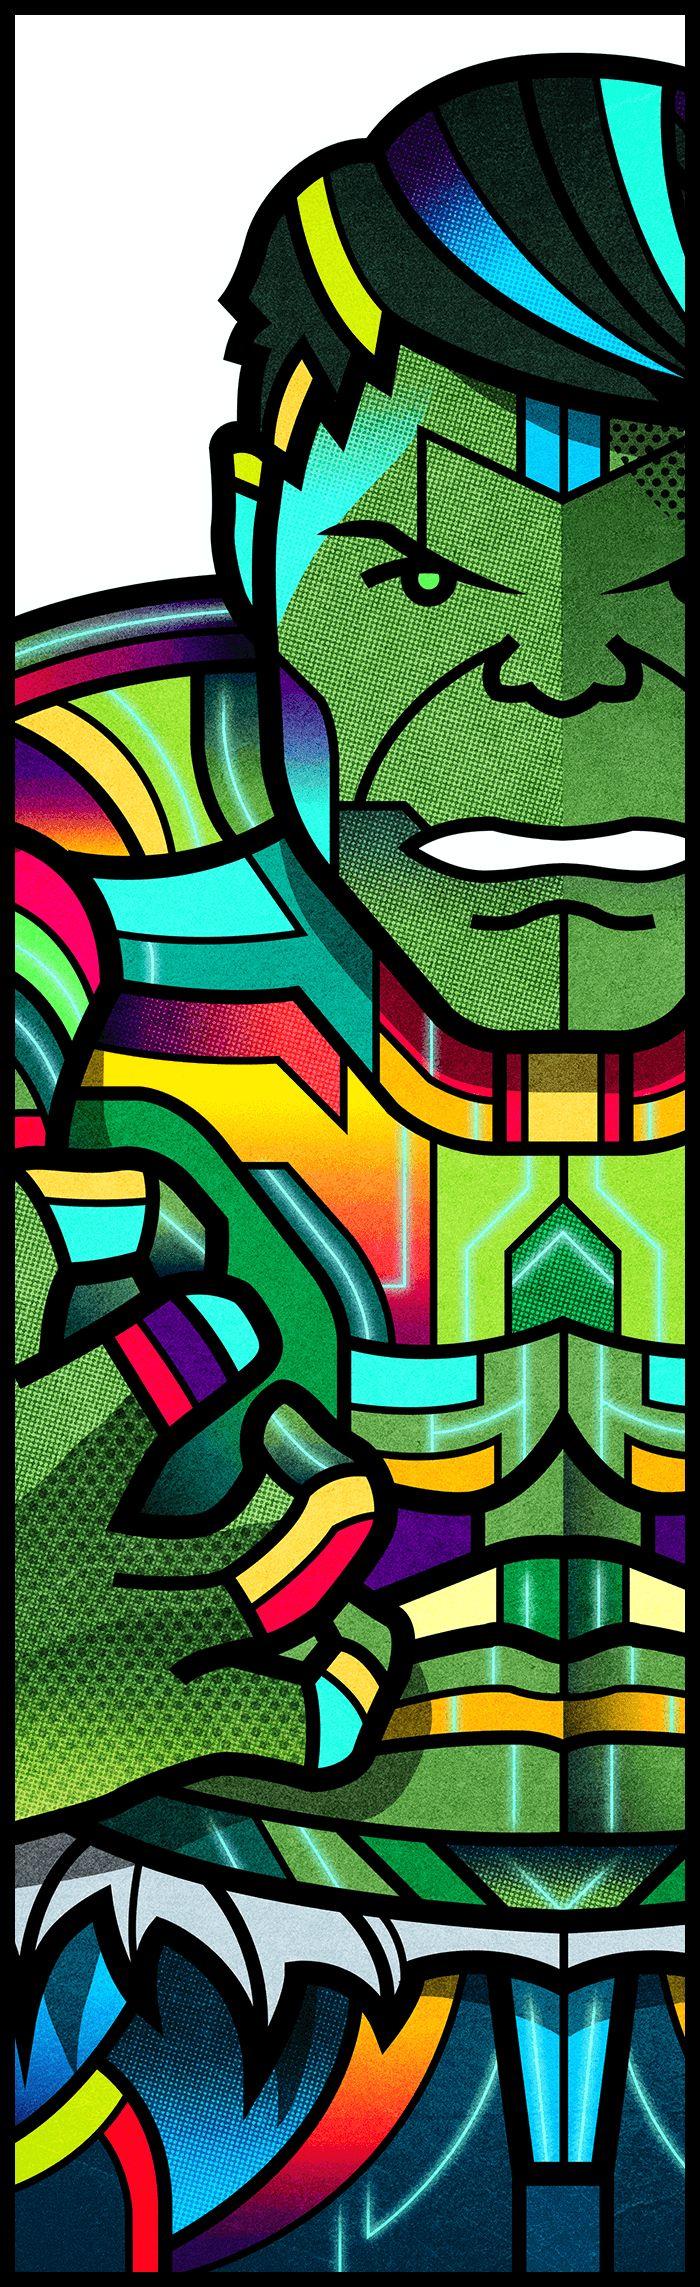 Van Orton Design (http://vanortondesign.com/marvel)